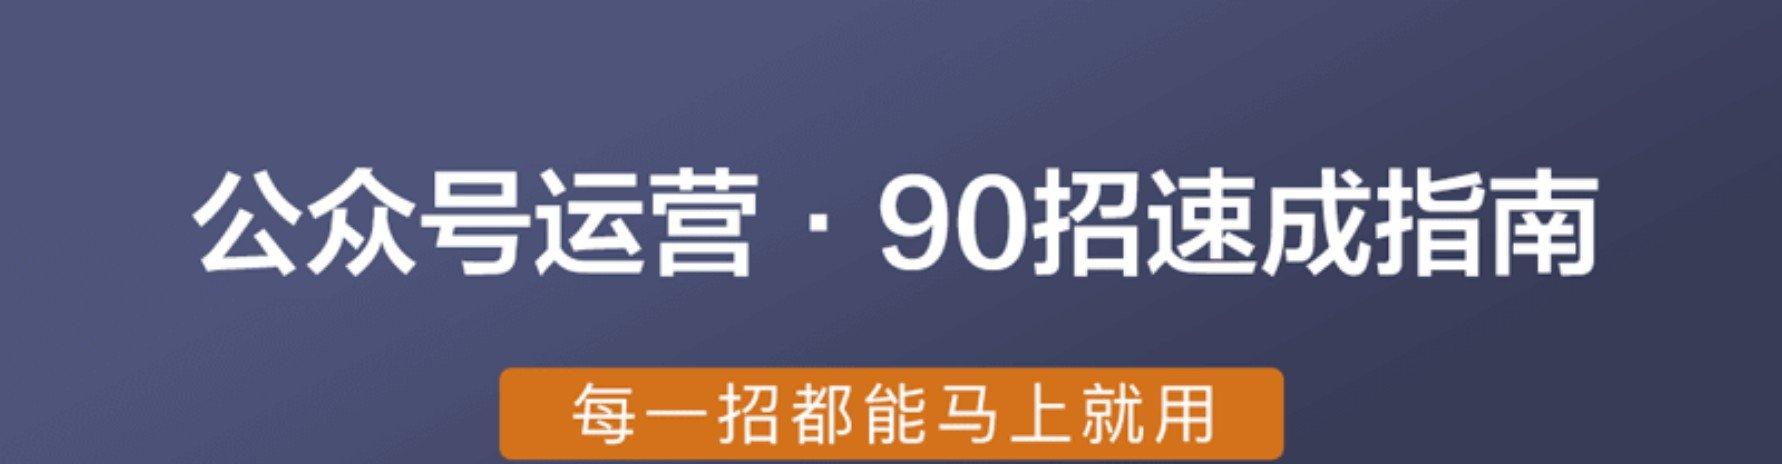 粥左罗:微信公众号运营90招速成指南